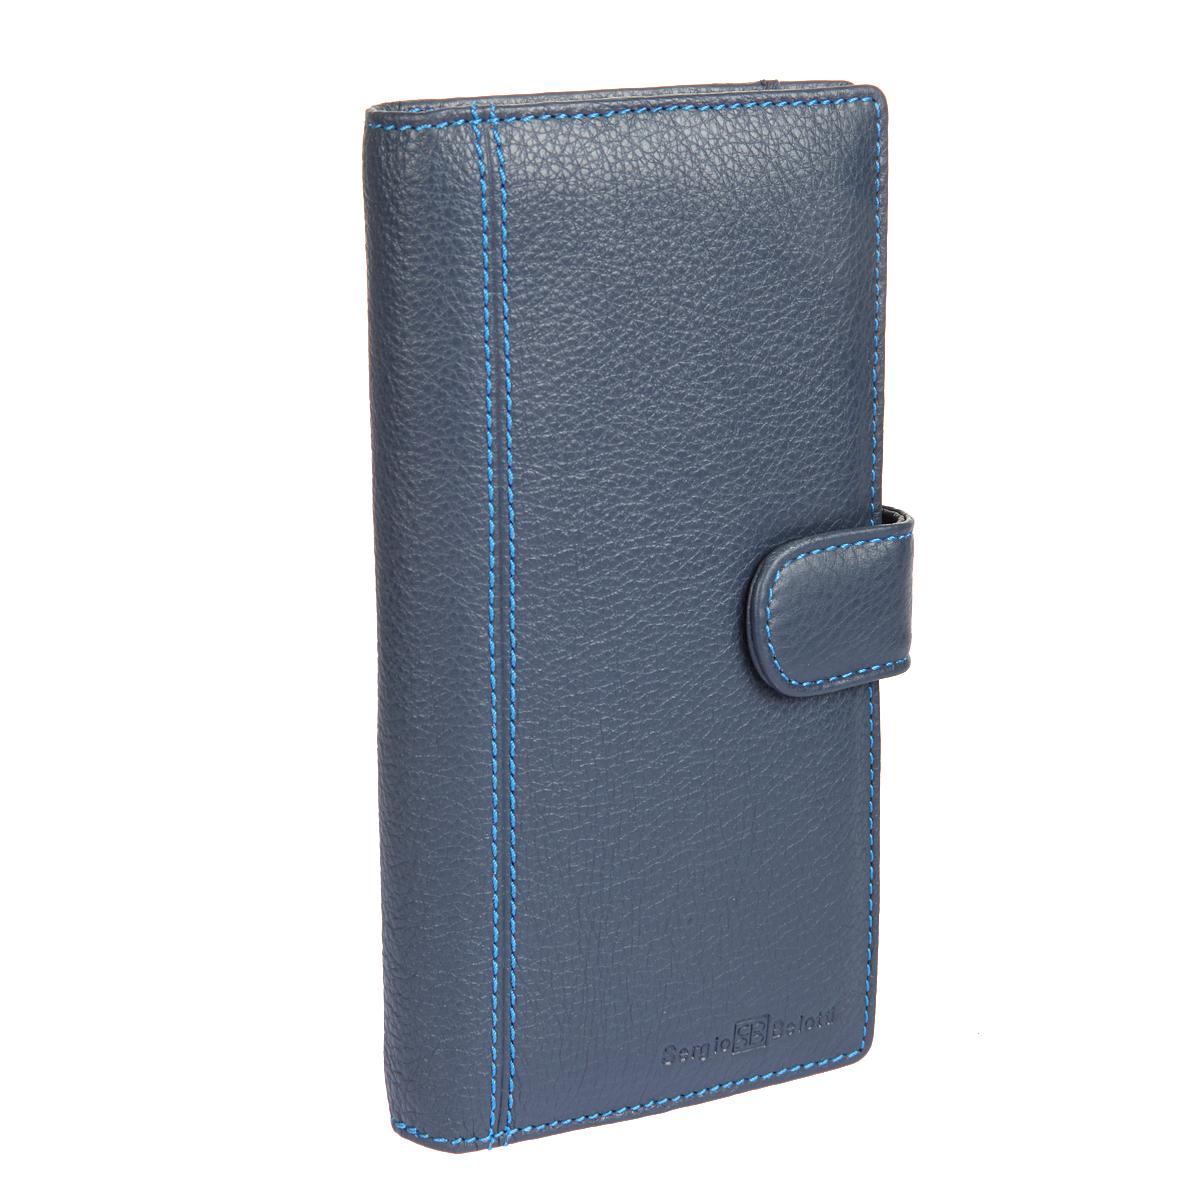 Портмоне мужское Sergio Belotti, цвет: темно-синий. 32853285 indigo jeansСтильное мужское портмоне Sergio Belotti выполнено из натуральной высококачественной кожи и оформлено фактурным тиснением, названием и логотипом бренда на лицевой стороне, декоративной прострочкой. Изделие закрывается хлястиком на кнопку. Внутри расположены два отделения для купюр, четырнадцать прорезных карманов для кредитных карт или визиток, боковой карман для мелких бумаг. На тыльной стороне портмоне - отделение для мелочи, закрывающееся клапаном на магнитную кнопку и дополненное двумя отсеками и шестью прорезями для банковских карт. Изделие упаковано в фирменную коробку. Такое портмоне станет отличным подарком для человека, ценящего качественные и необычные вещи.